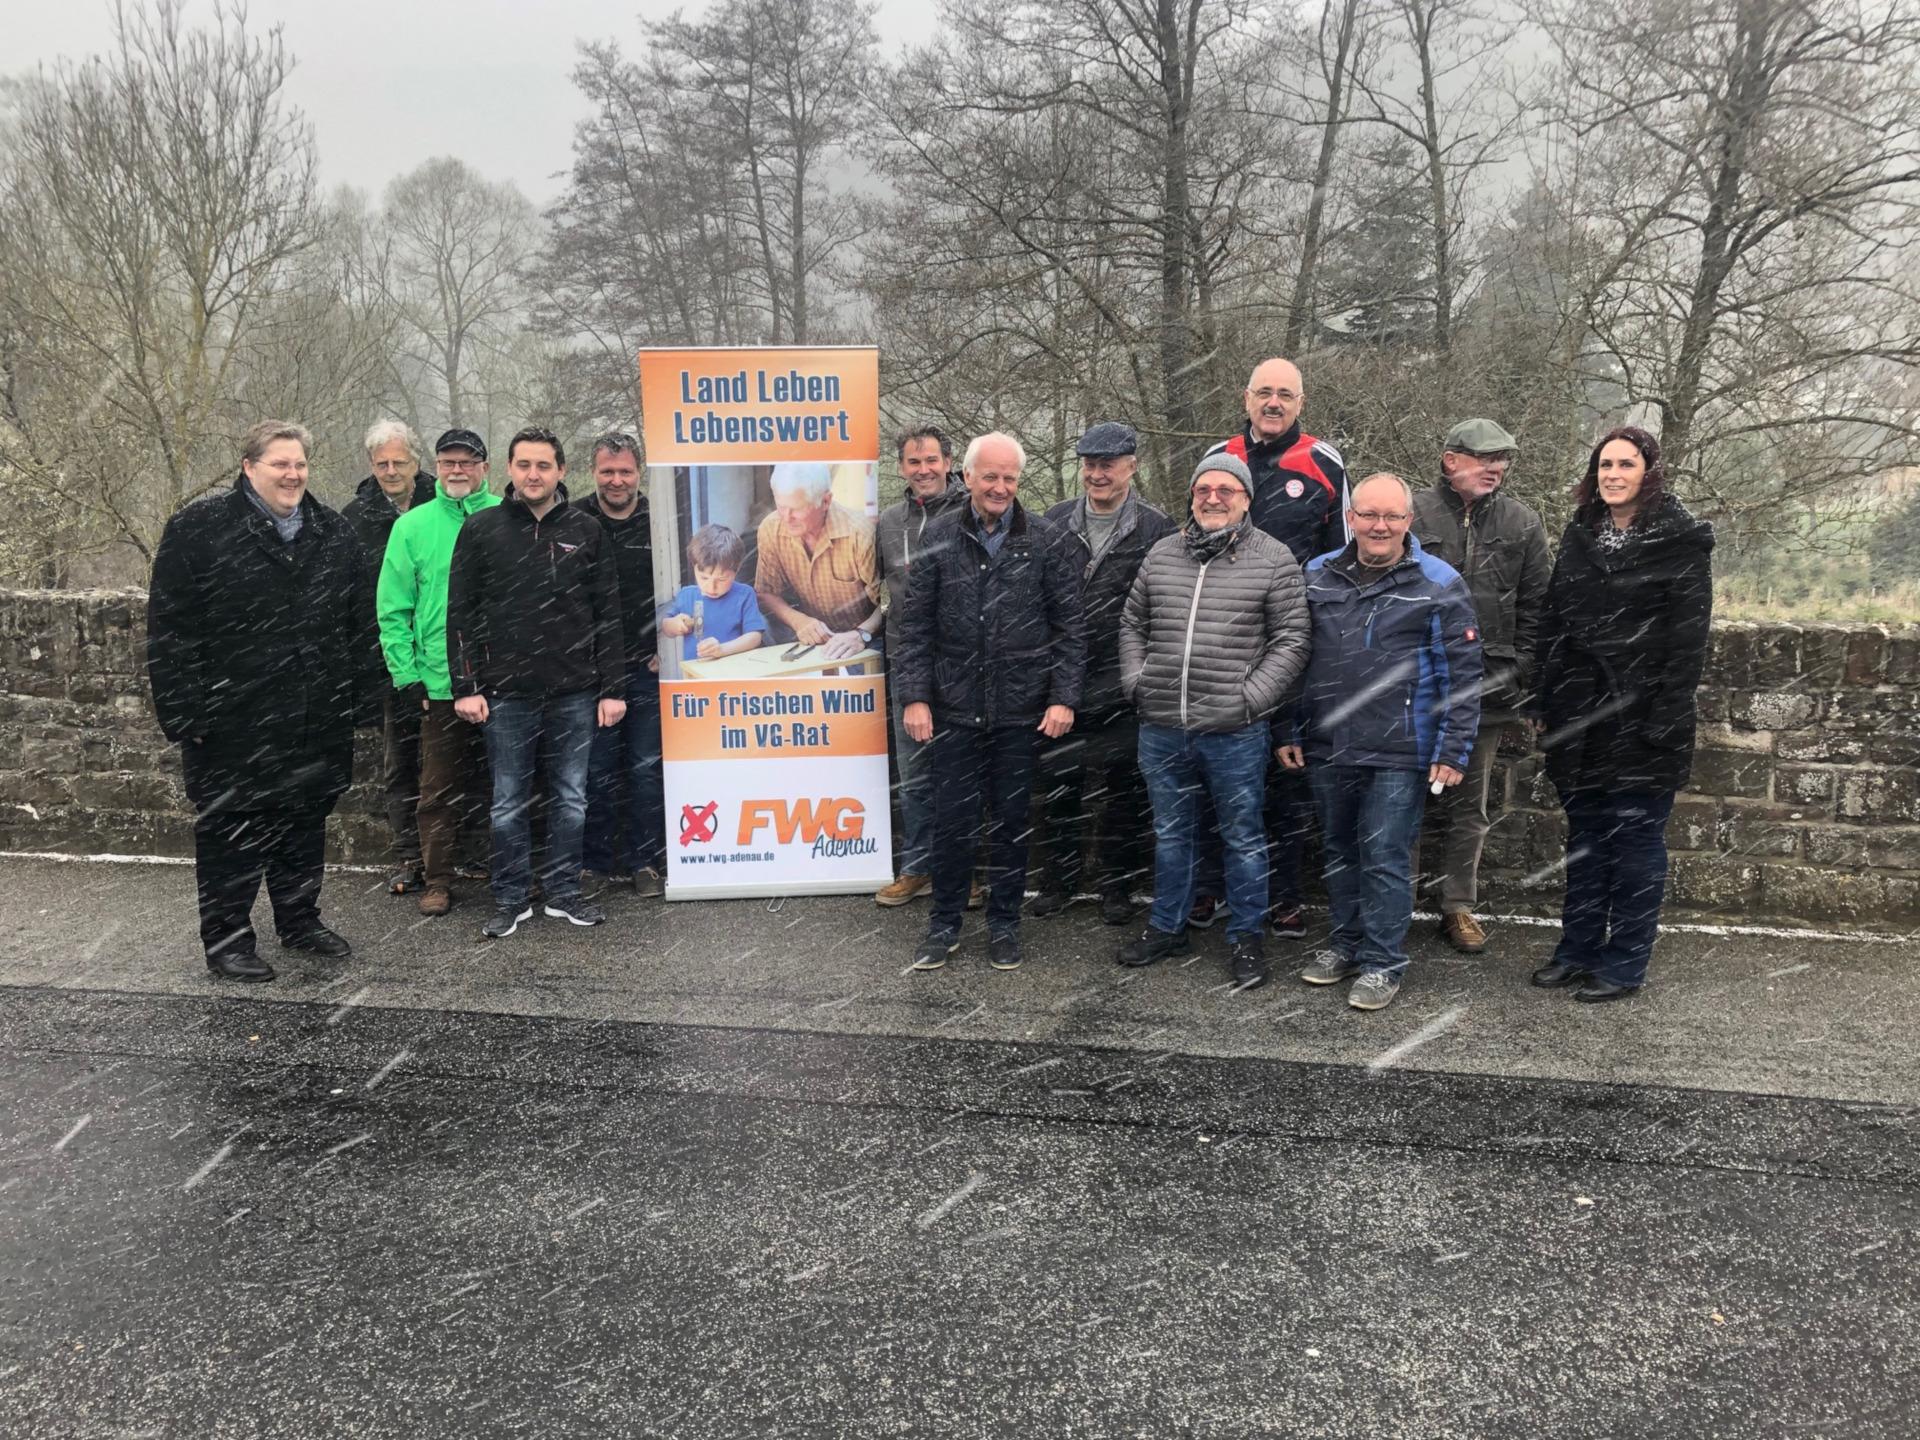 FWG-Kreis-Ahrweiler-Hochwasserschutz-Antweiler-2019